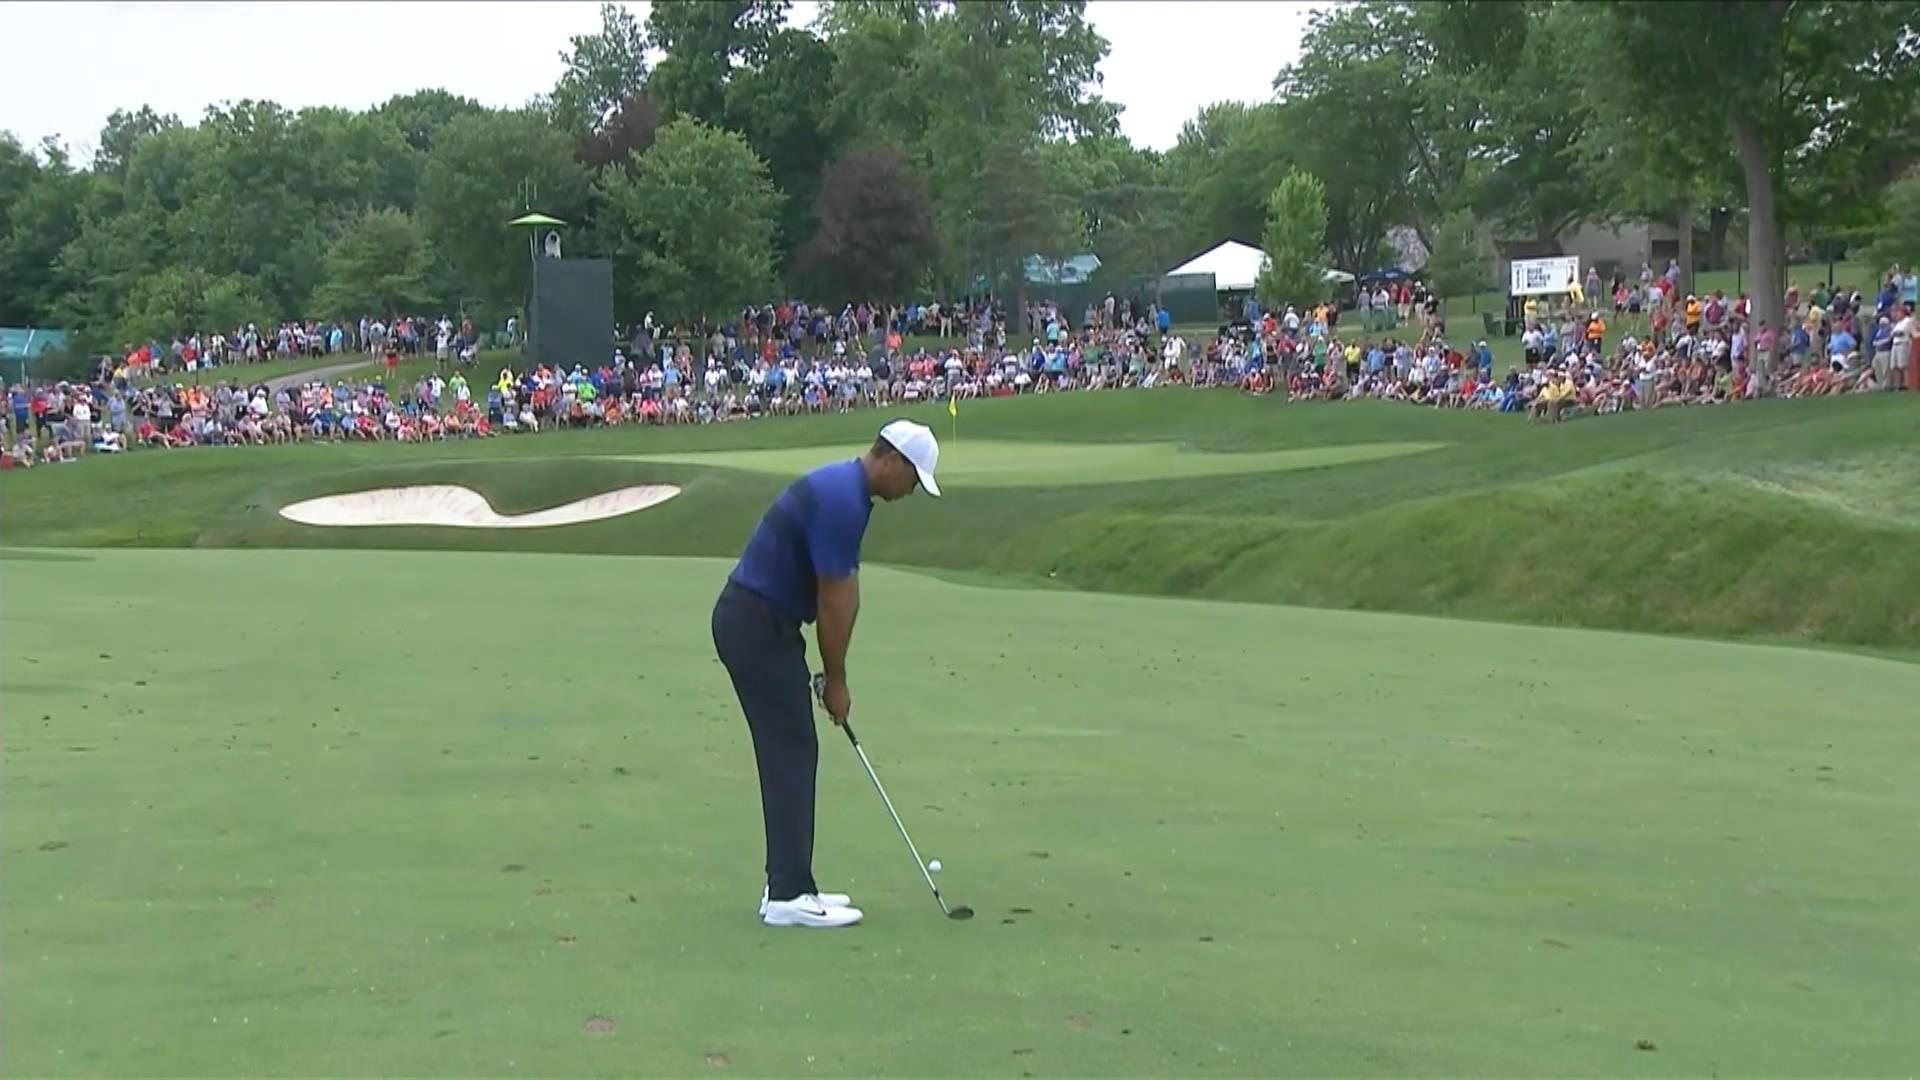 Golf tiger woods visade klassen